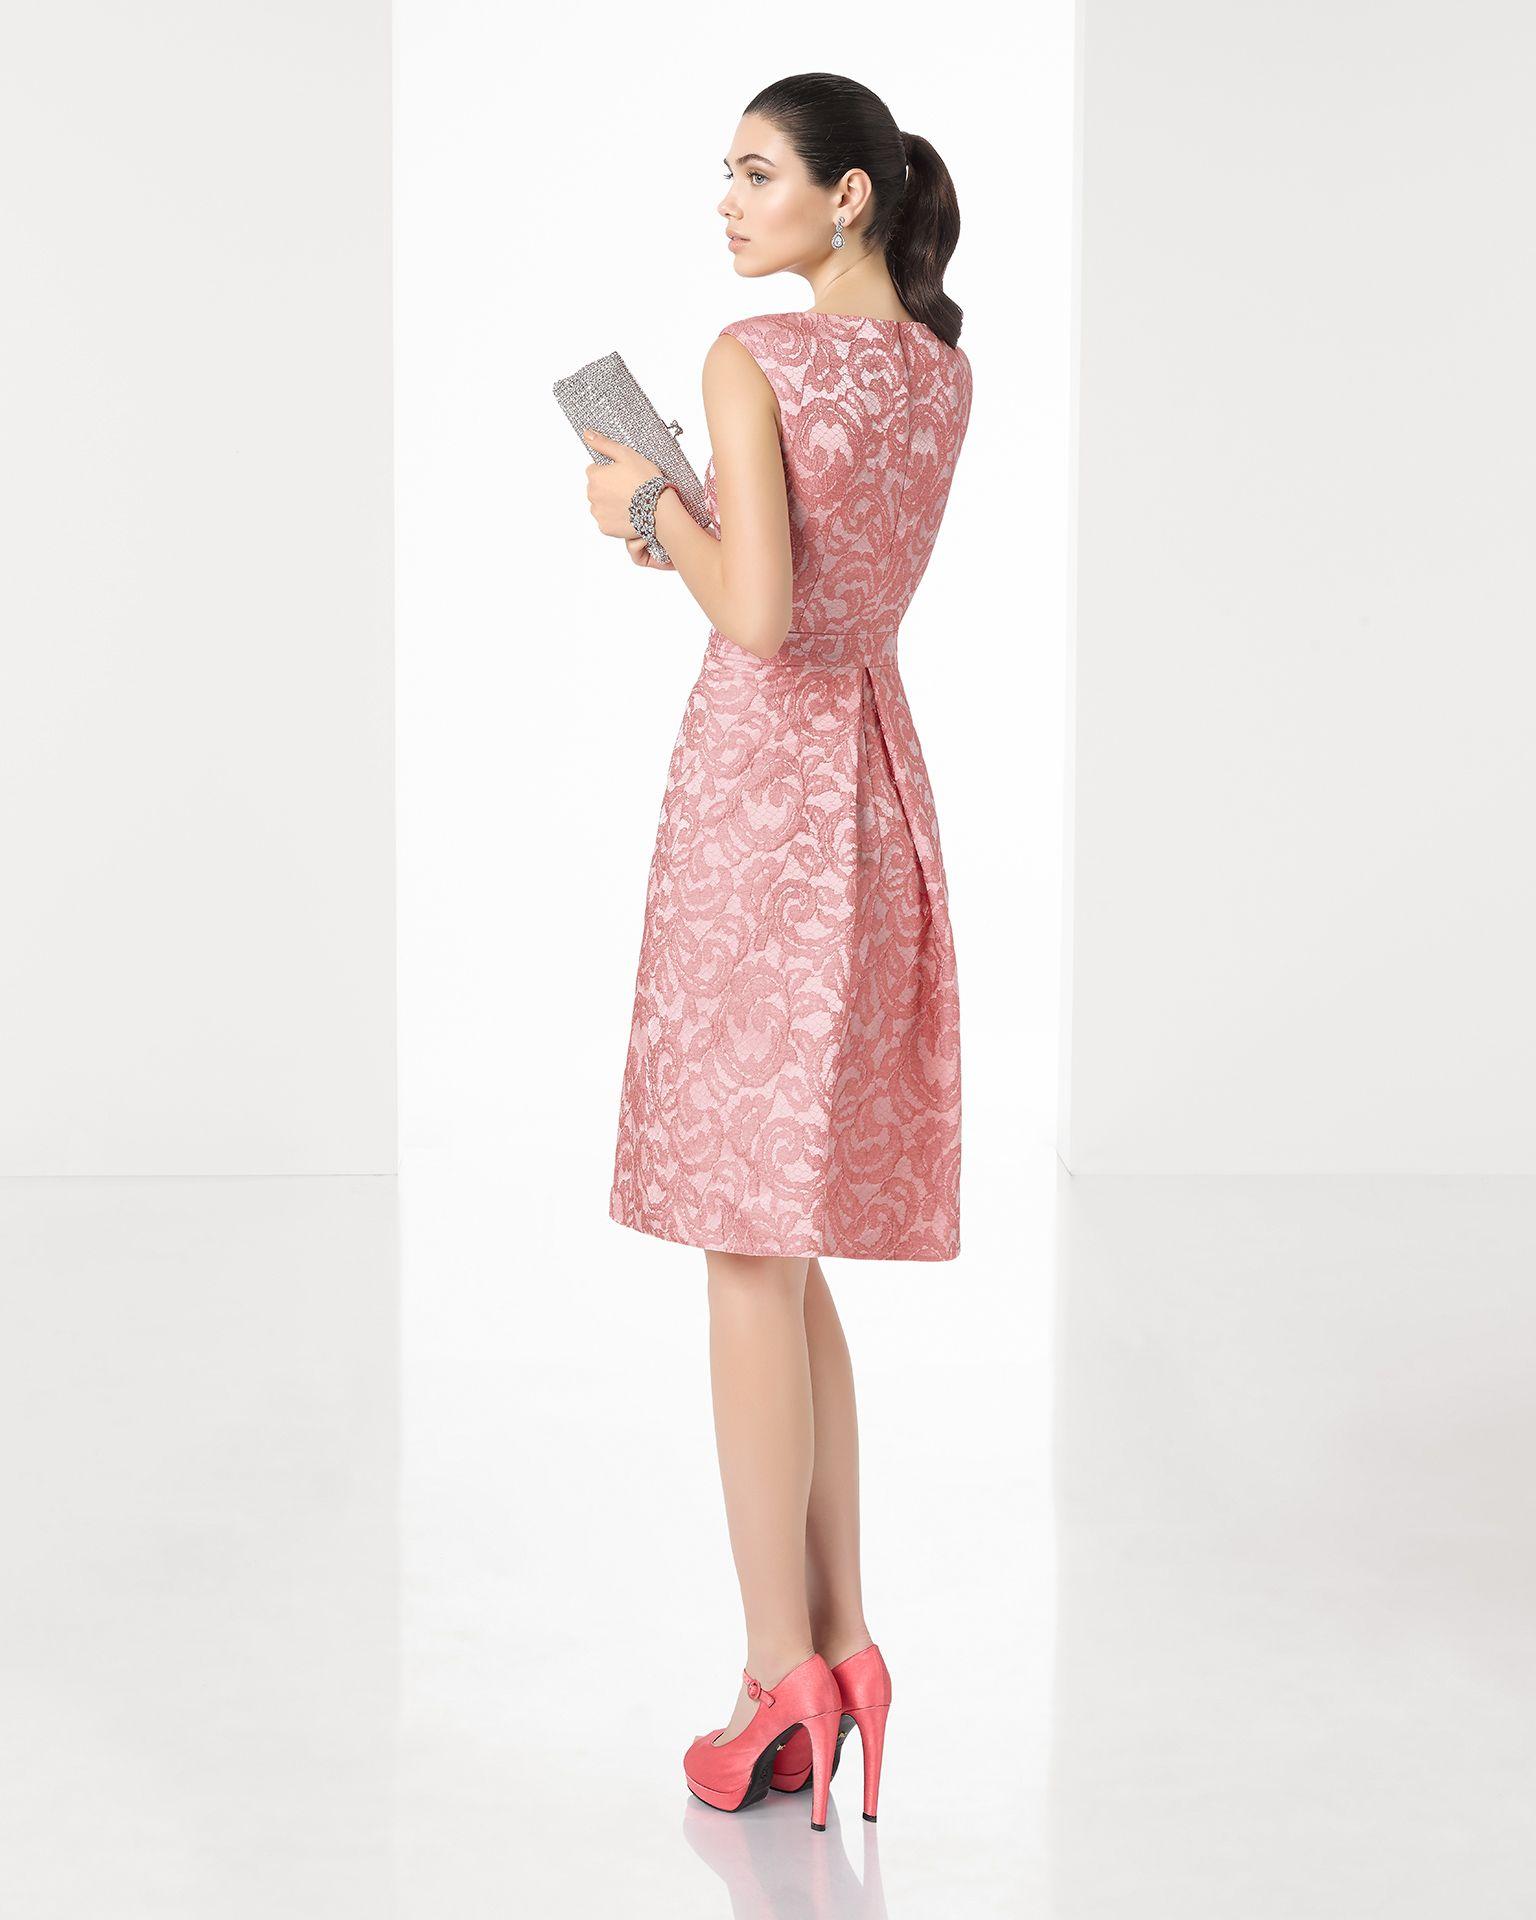 1T1E6 | Rosa clará, Vestidos de fiesta cortos y Cobalto